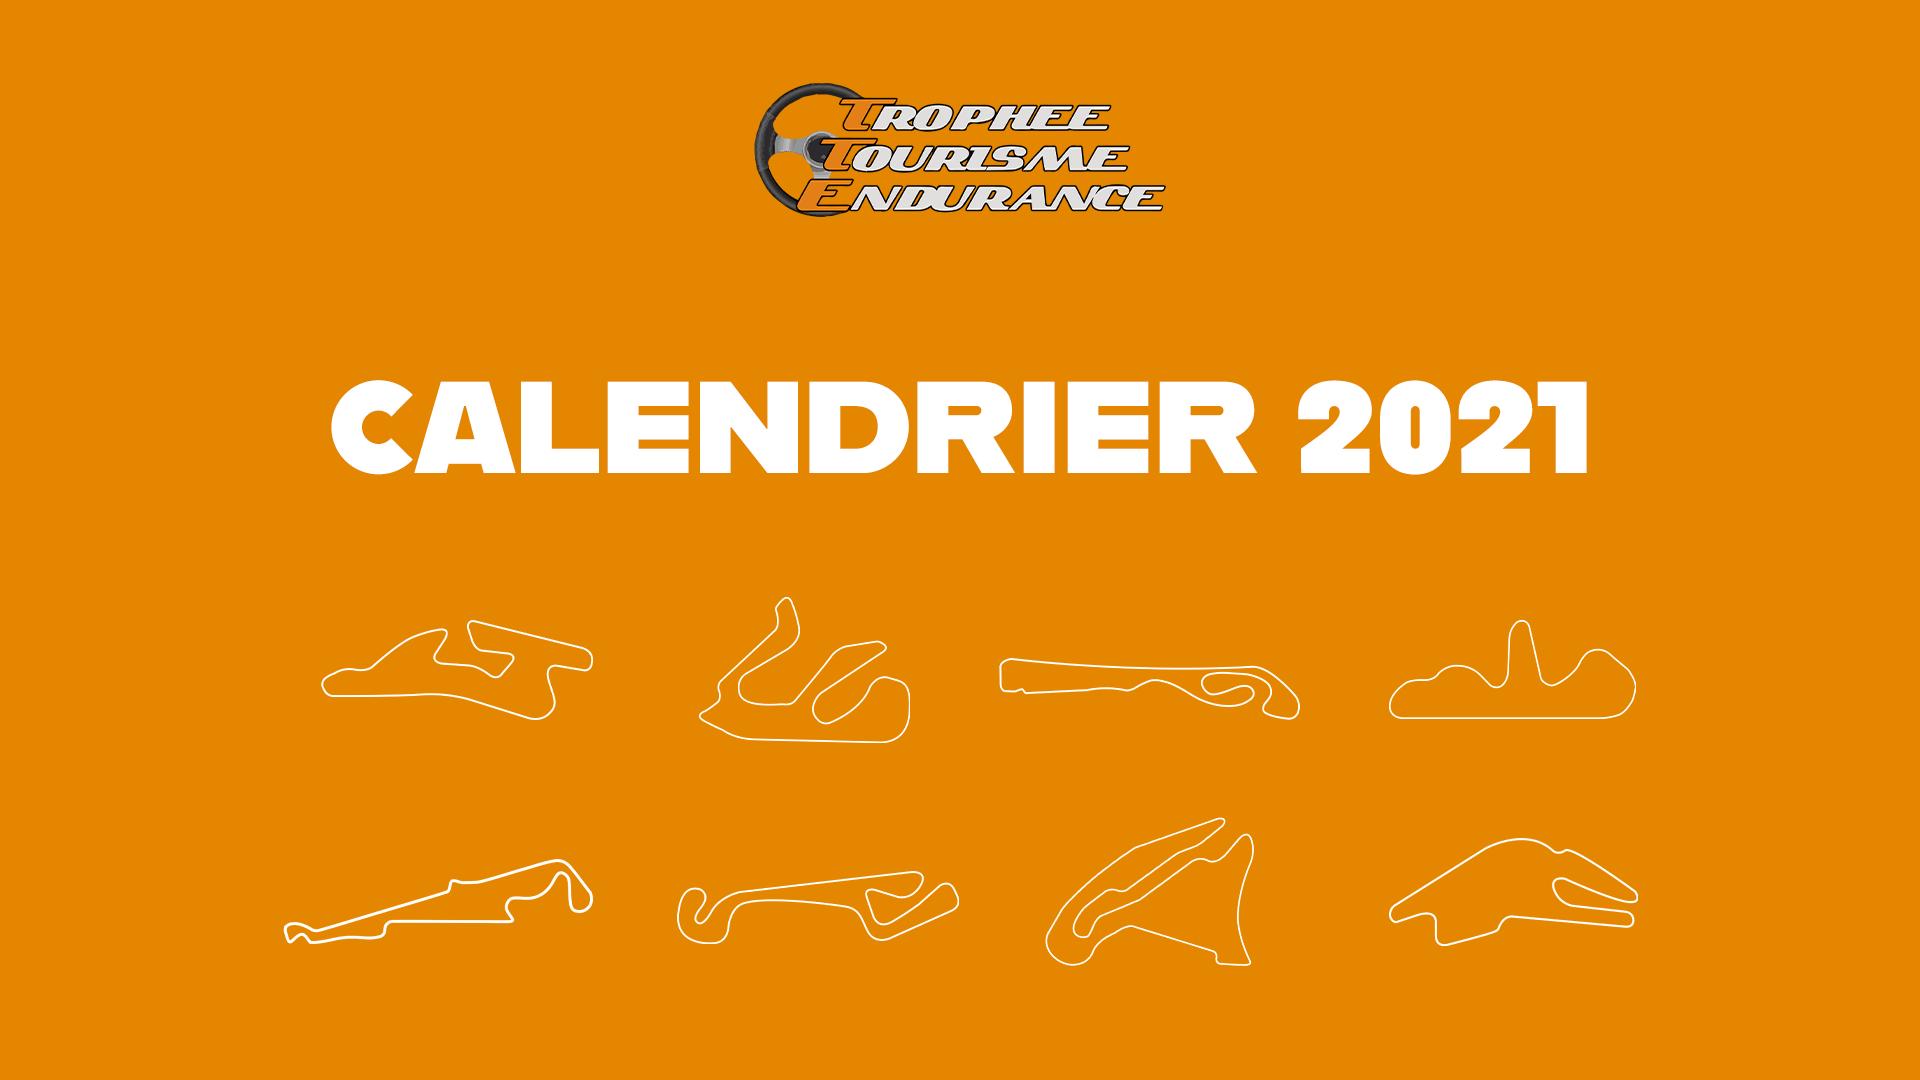 Le calendrier 2021 du TTE révélé, de nouveaux plateaux au programme